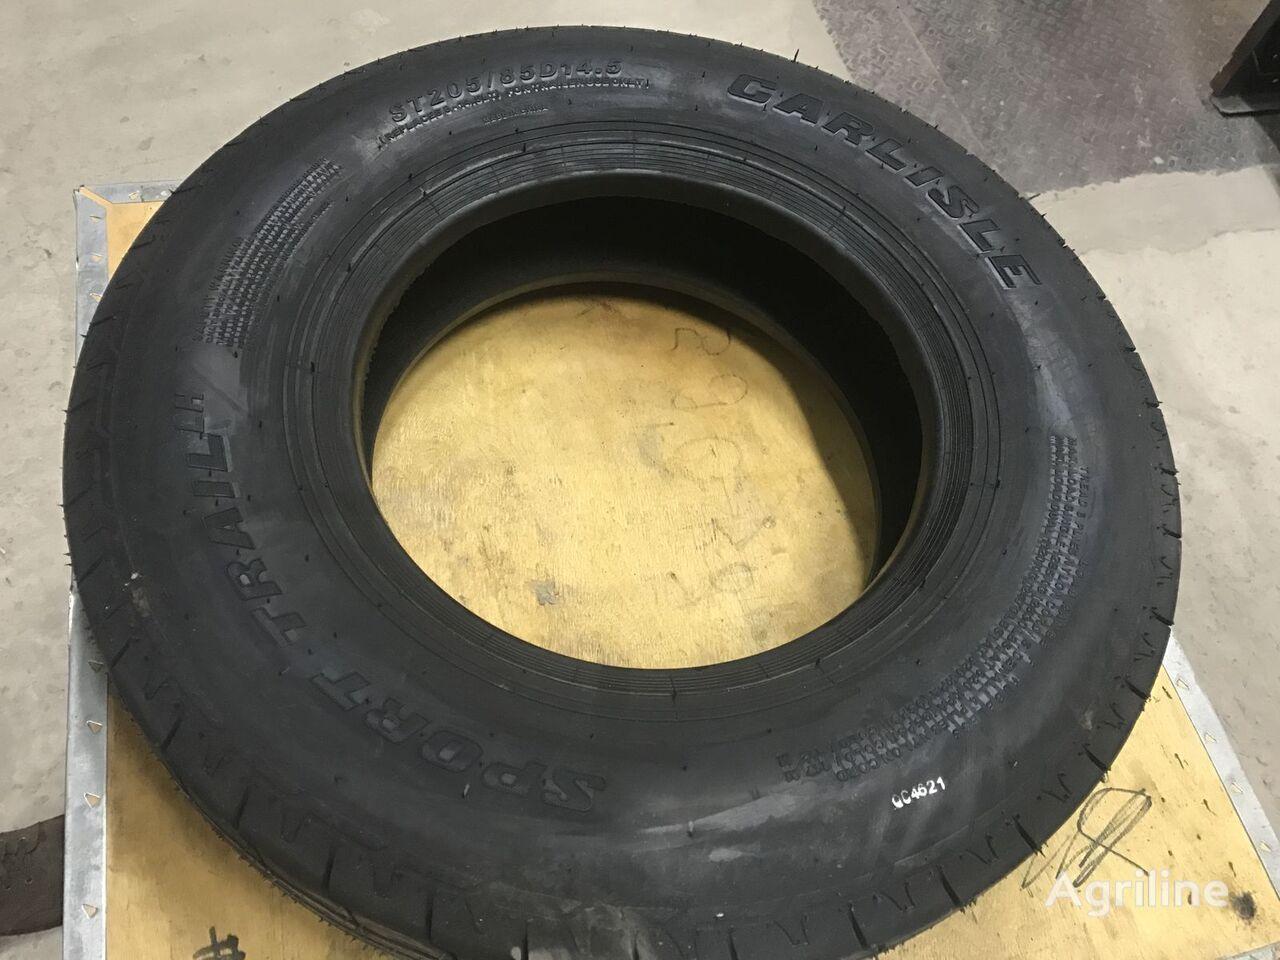 جديد إطار عجلة الجرارة ST 8-14.5 205/85